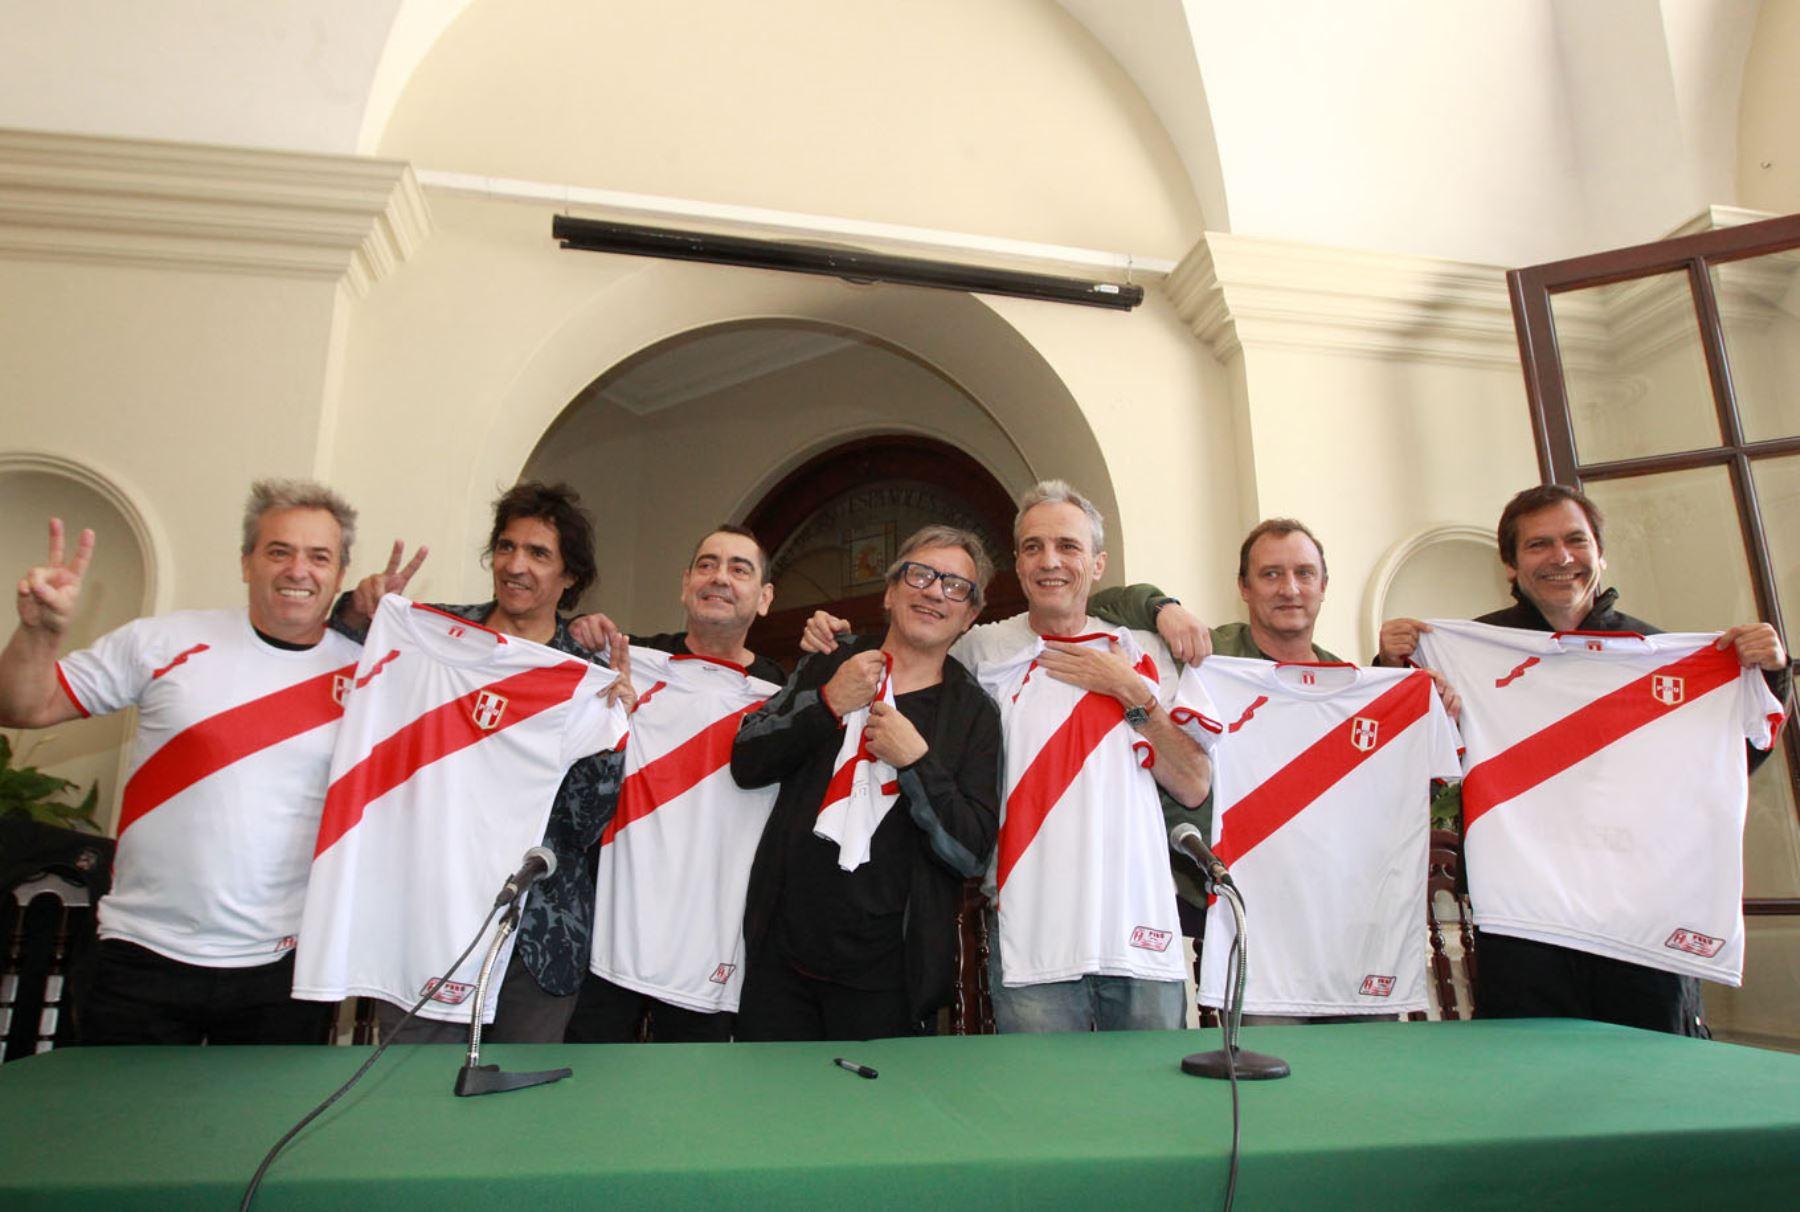 Unidos por querer ver al Perú llegar al Mundial. ANDINA/Héctor Vinces